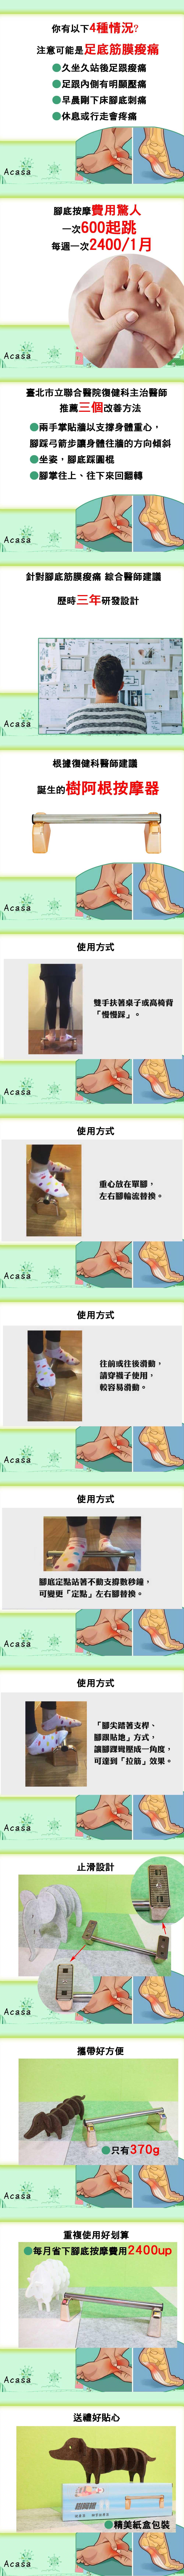 腳底筋膜炎按摩神器